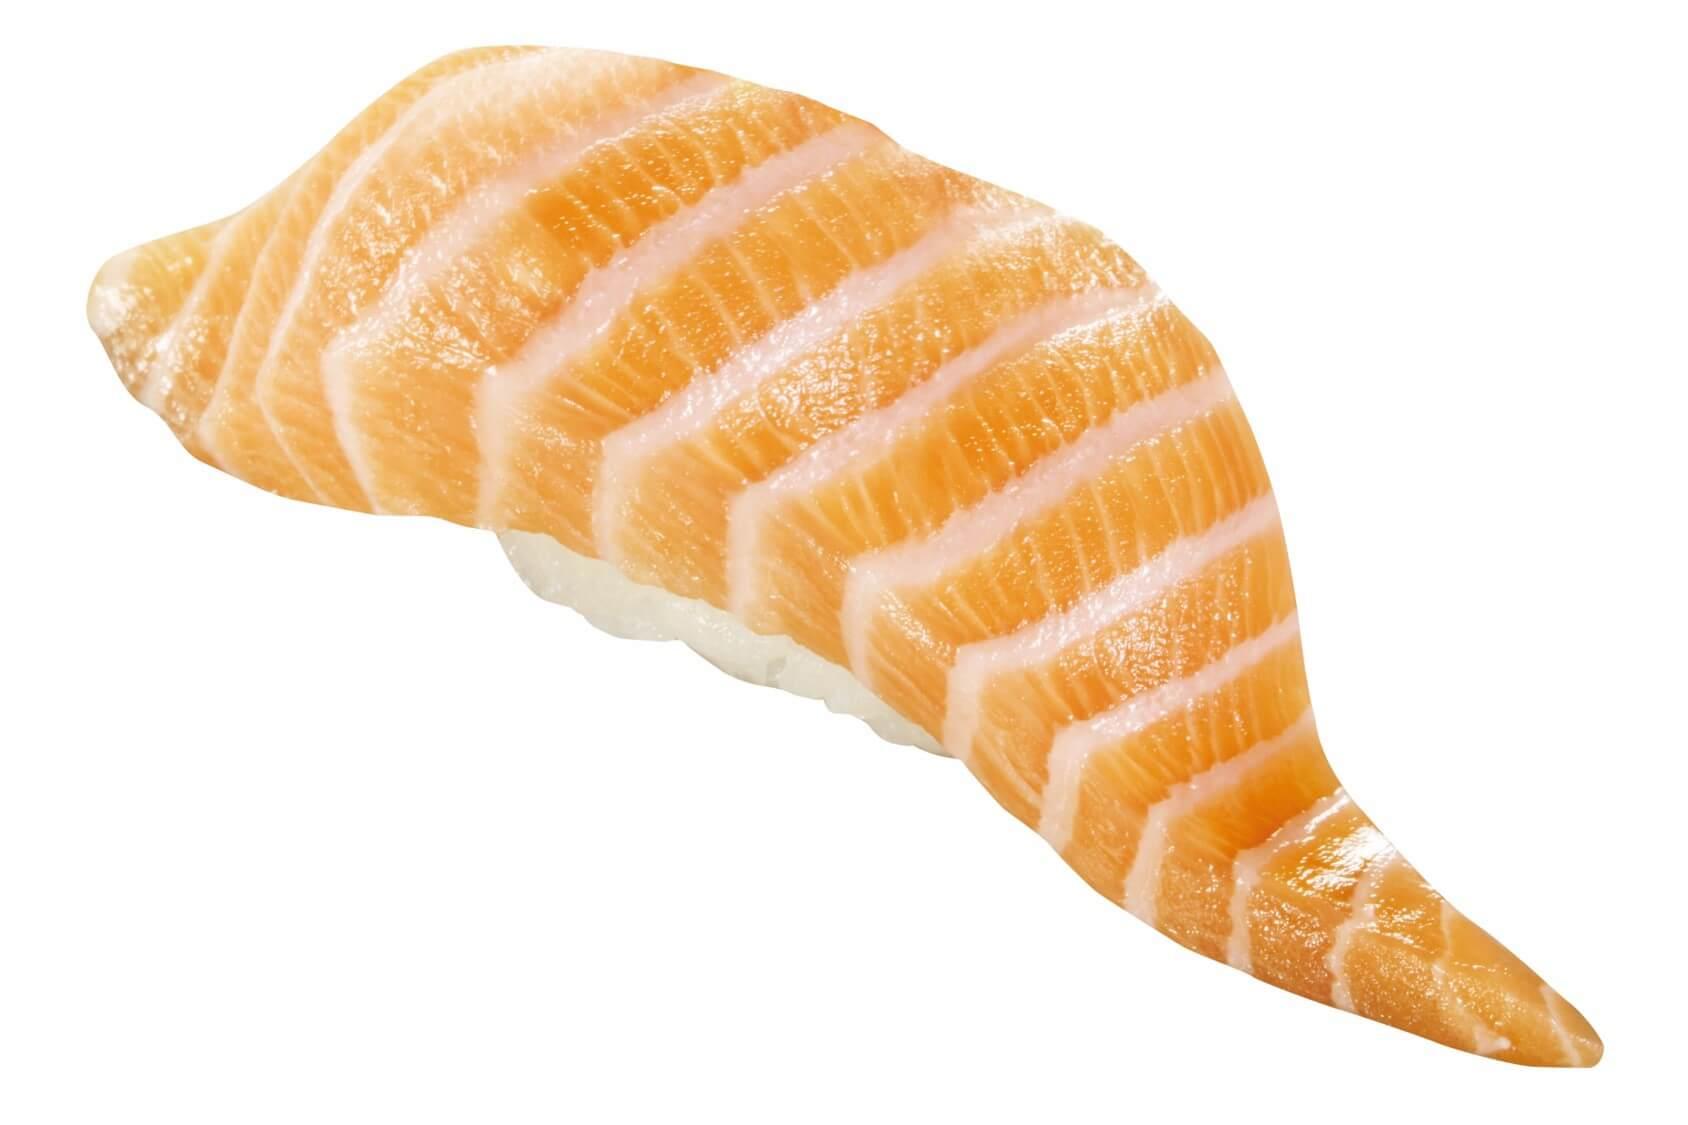 くら寿司の『【ノルウェー産】特大切り 生サーモン』